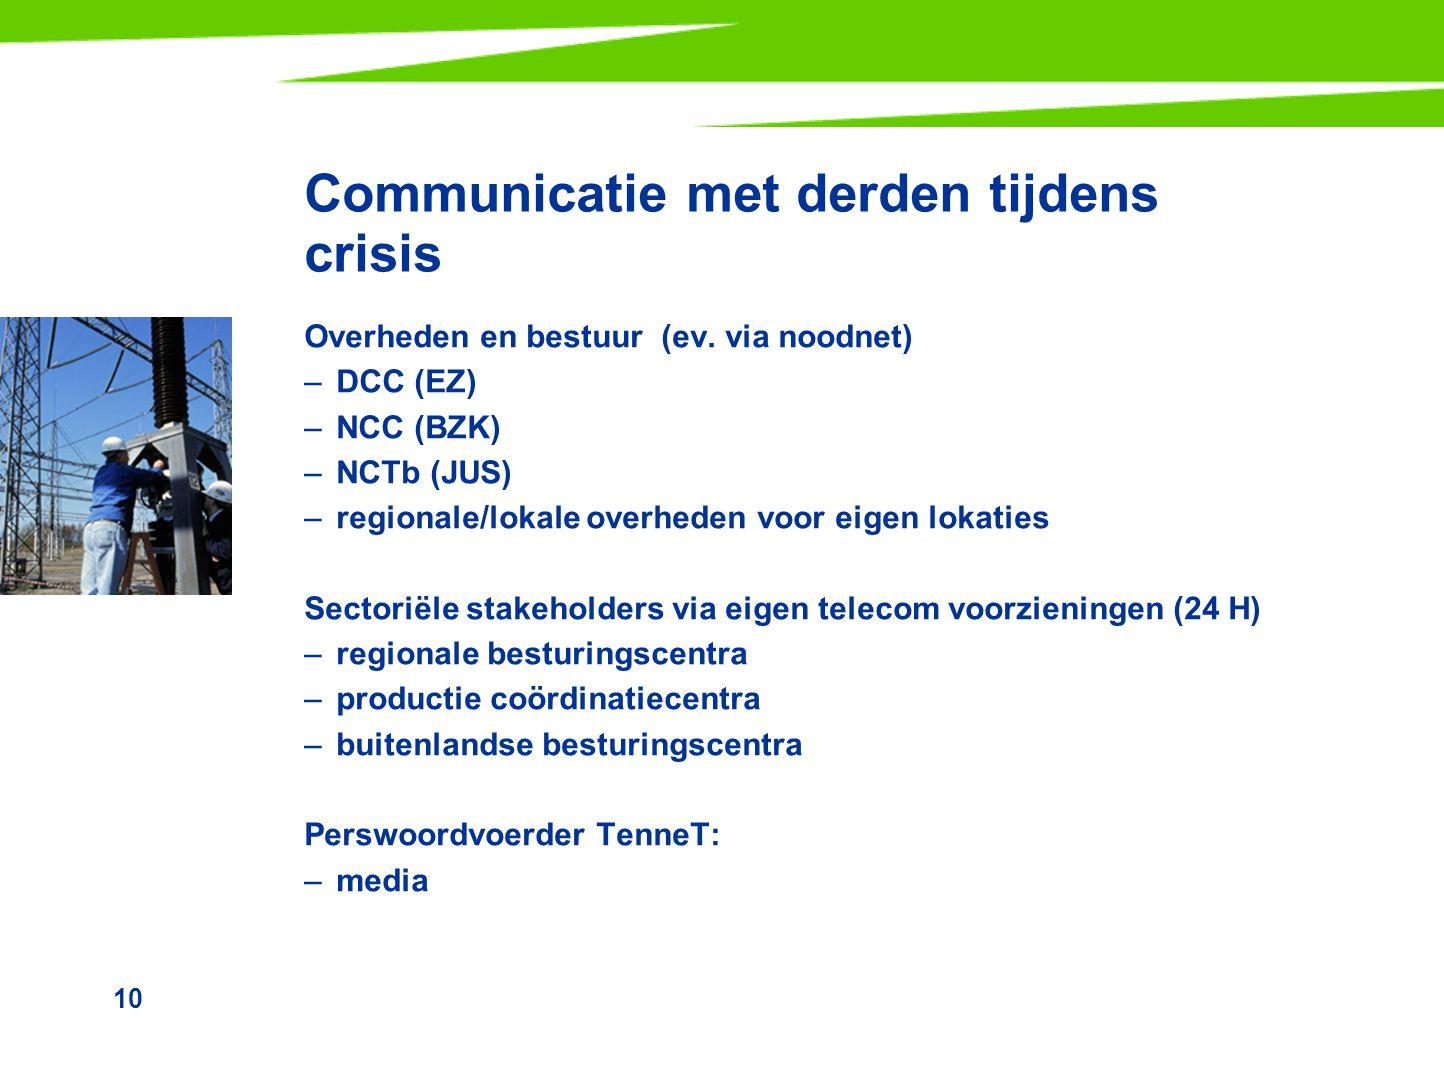 Communicatie met derden tijdens crisis